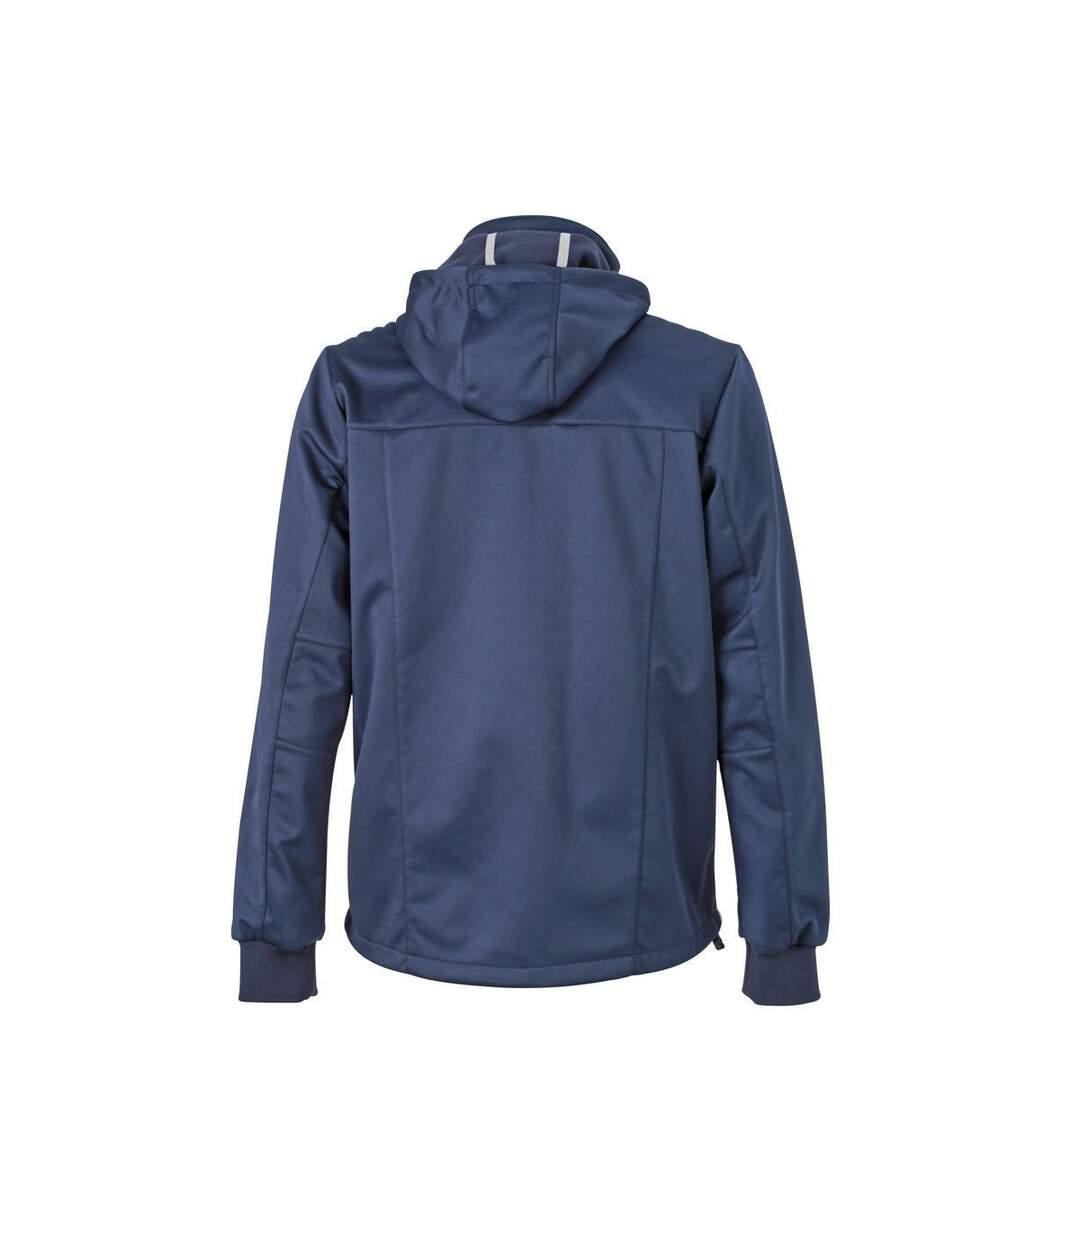 Veste softshell à capuche - homme JN1078 - bleu marine - coupe-vent imperméable